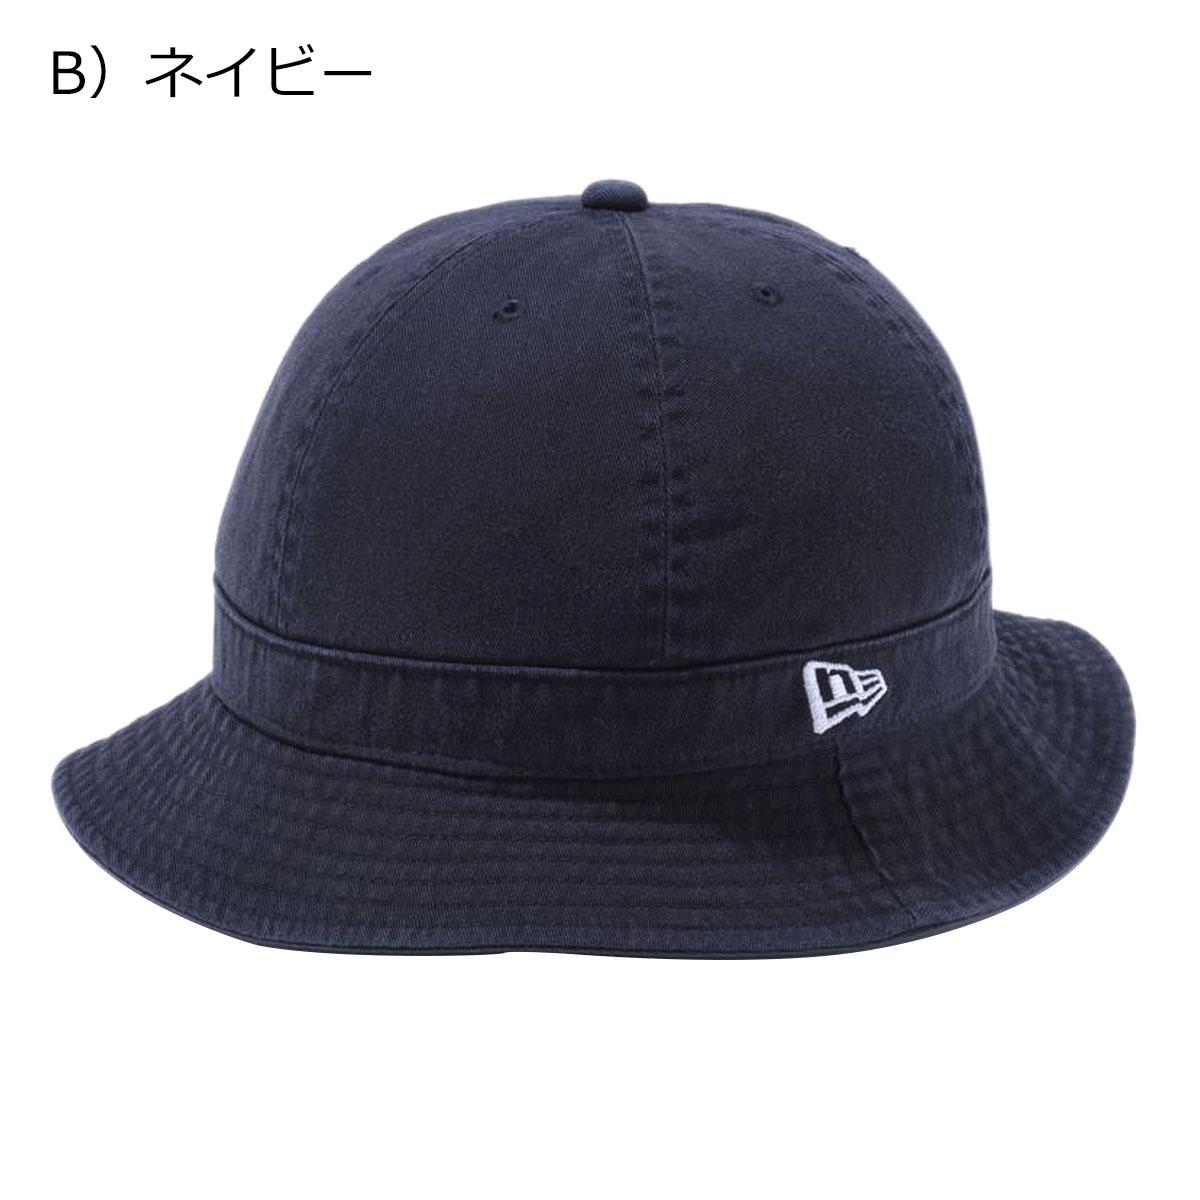 B)ネイビー